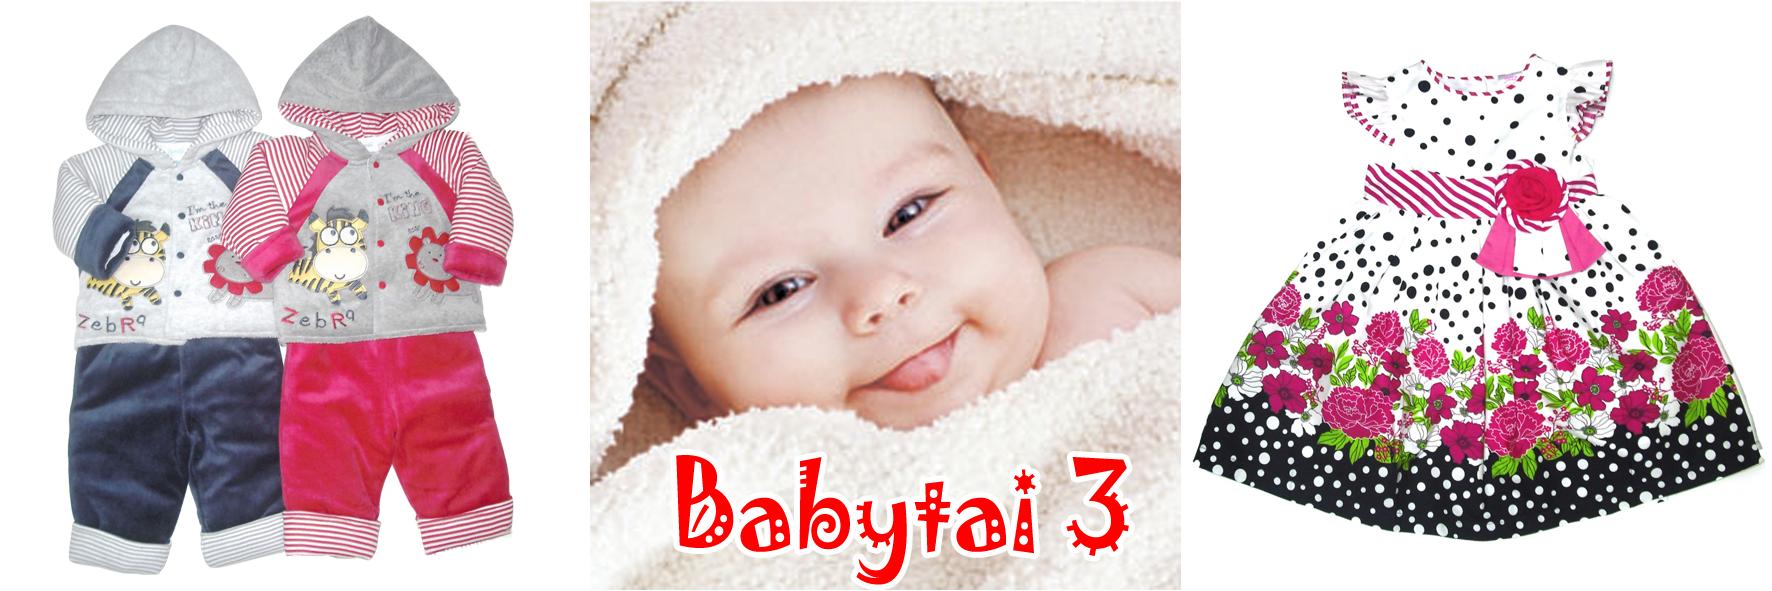 Сбор заказов. Babytai - большой выбор детской одежды от 0 и старше. Праздничные платья и костюмы. Выкуп 3